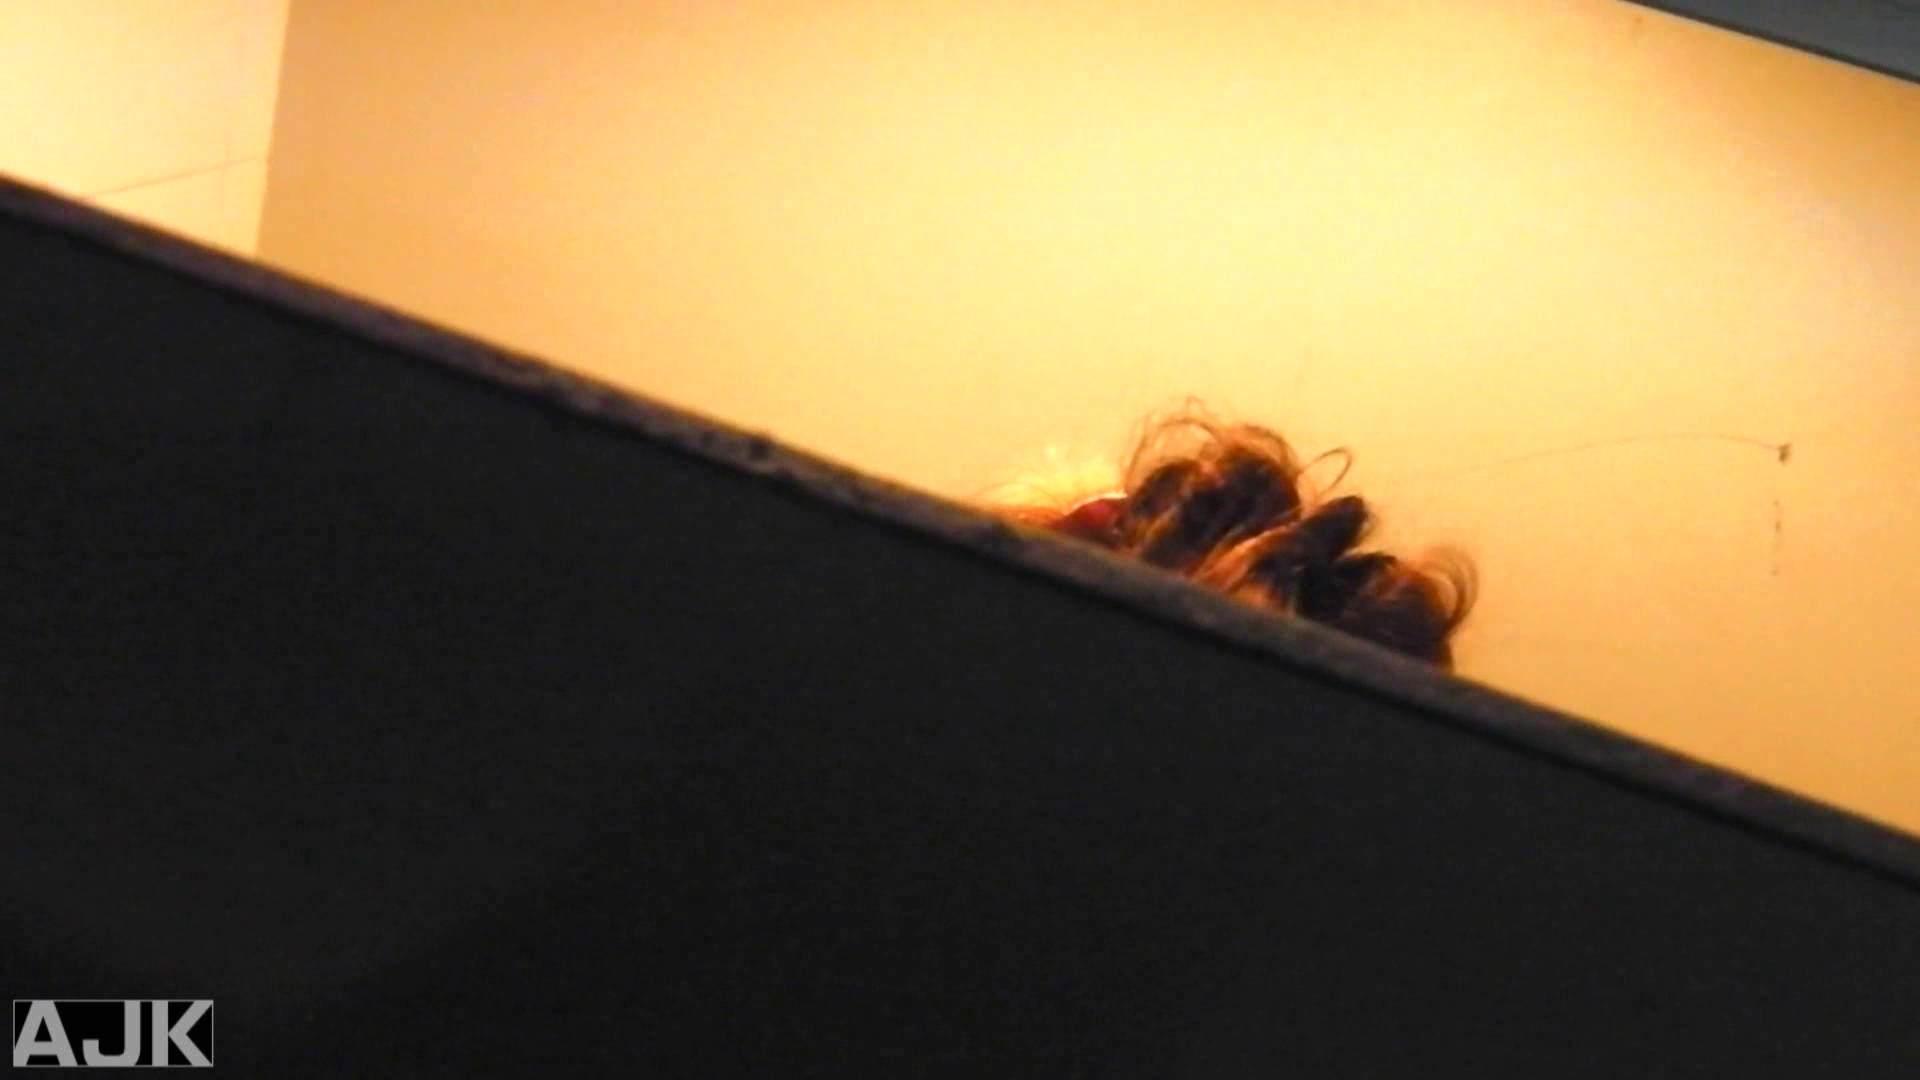 隣国上階級エリアの令嬢たちが集うデパートお手洗い Vol.25 洗面所 オマンコ無修正動画無料 105画像 13